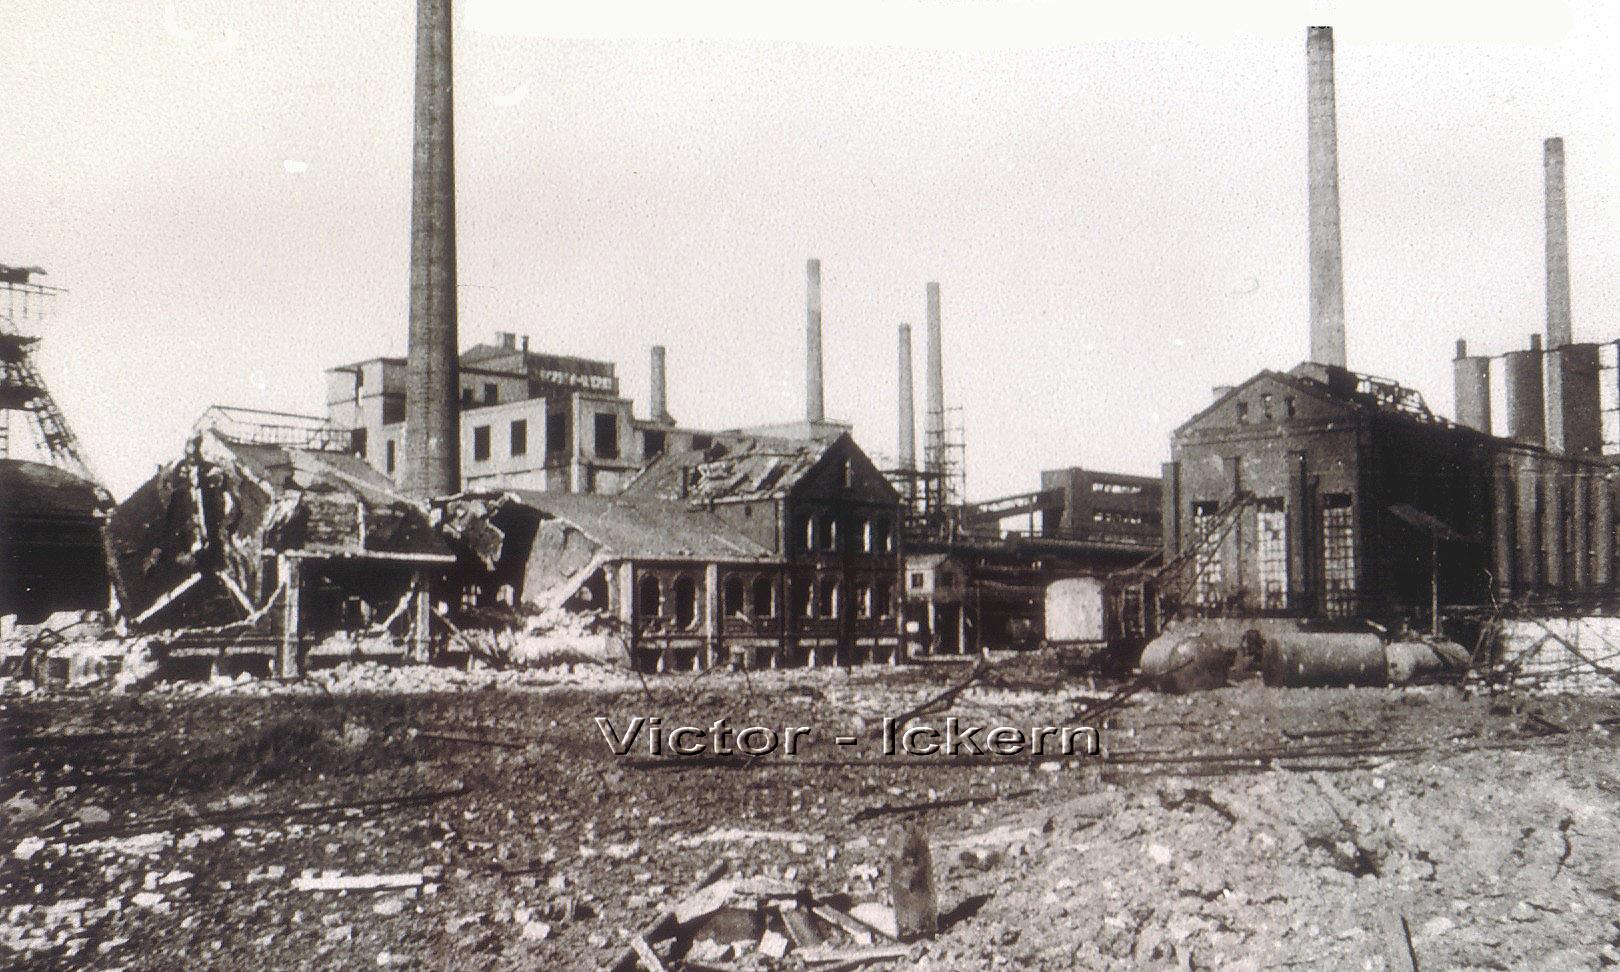 Victor III/IV nach dem Bombenangriff vom 11. 09.1944, links Schacht III